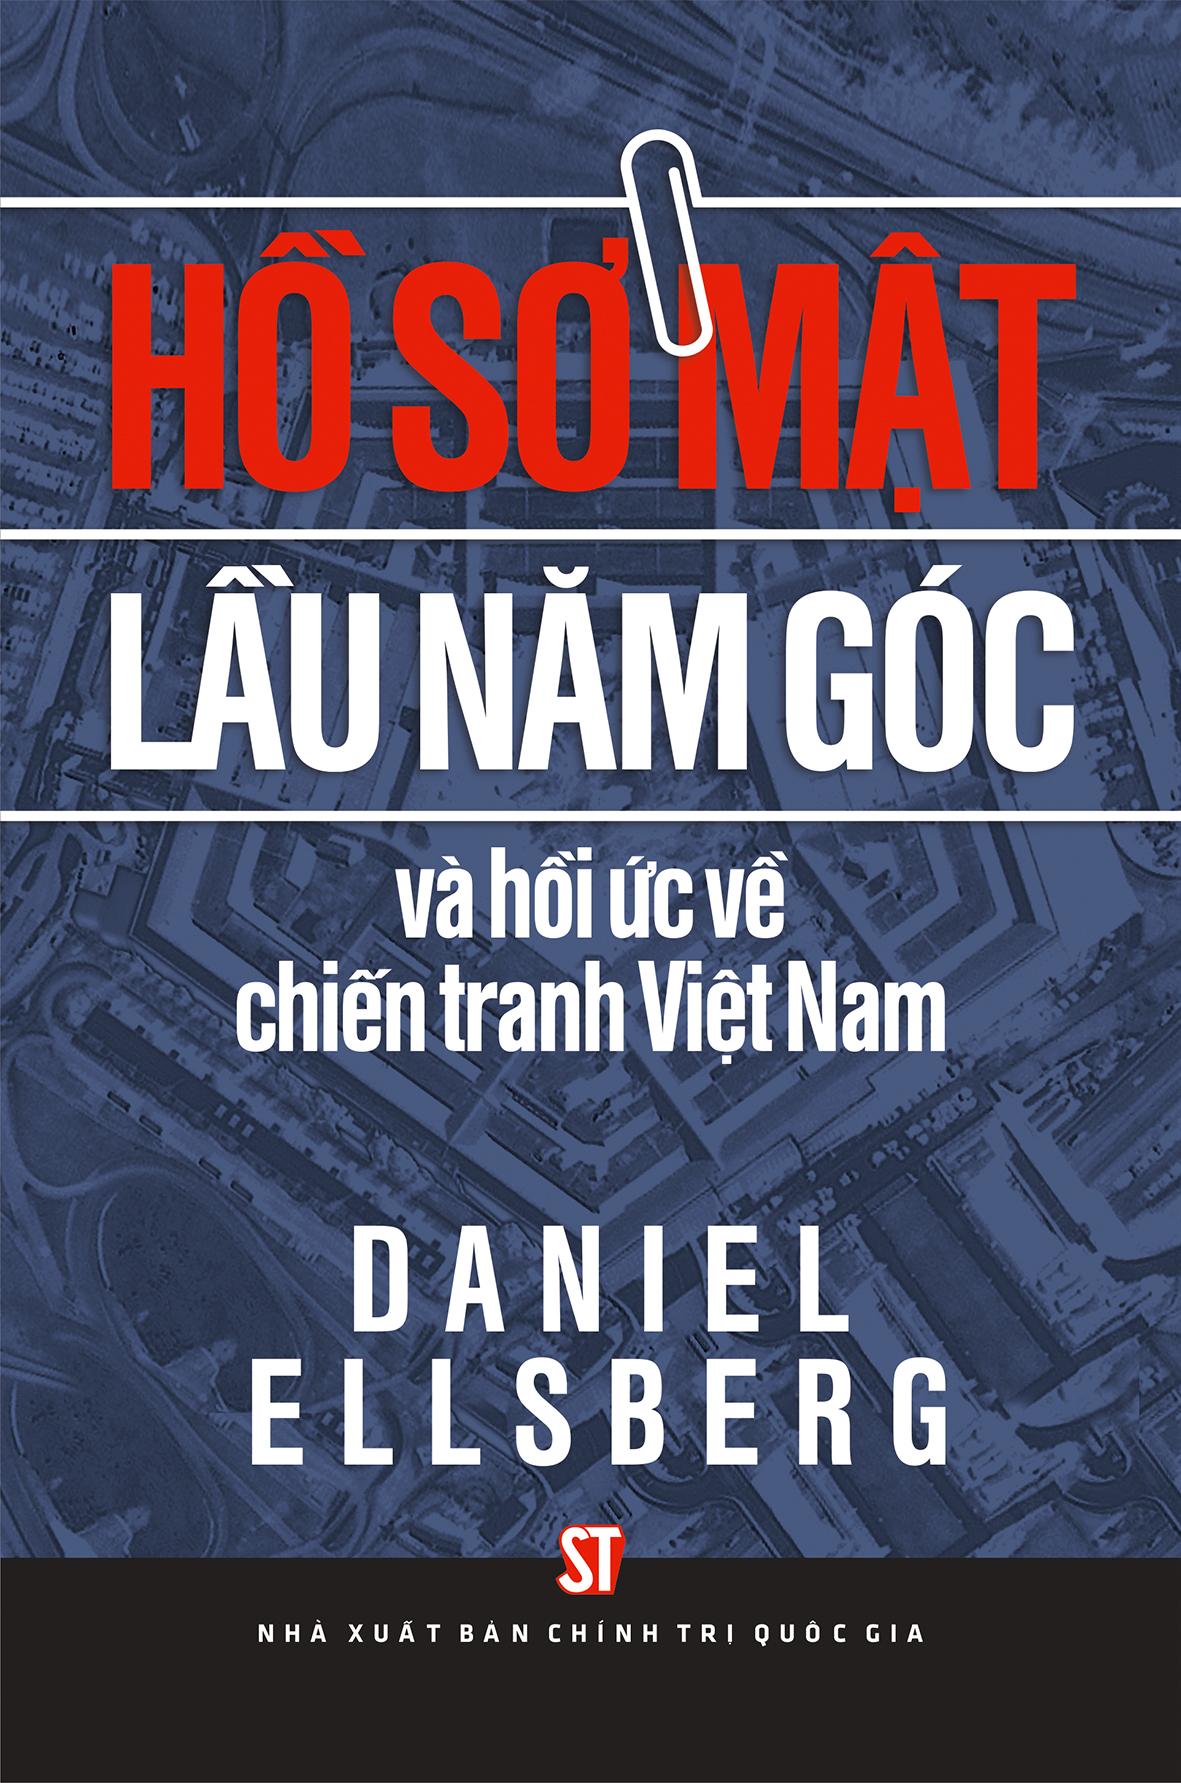 Hồ sơ mật lầu năm góc và hồi ức về chiến tranh Việt Nam (Sách tham khảo)